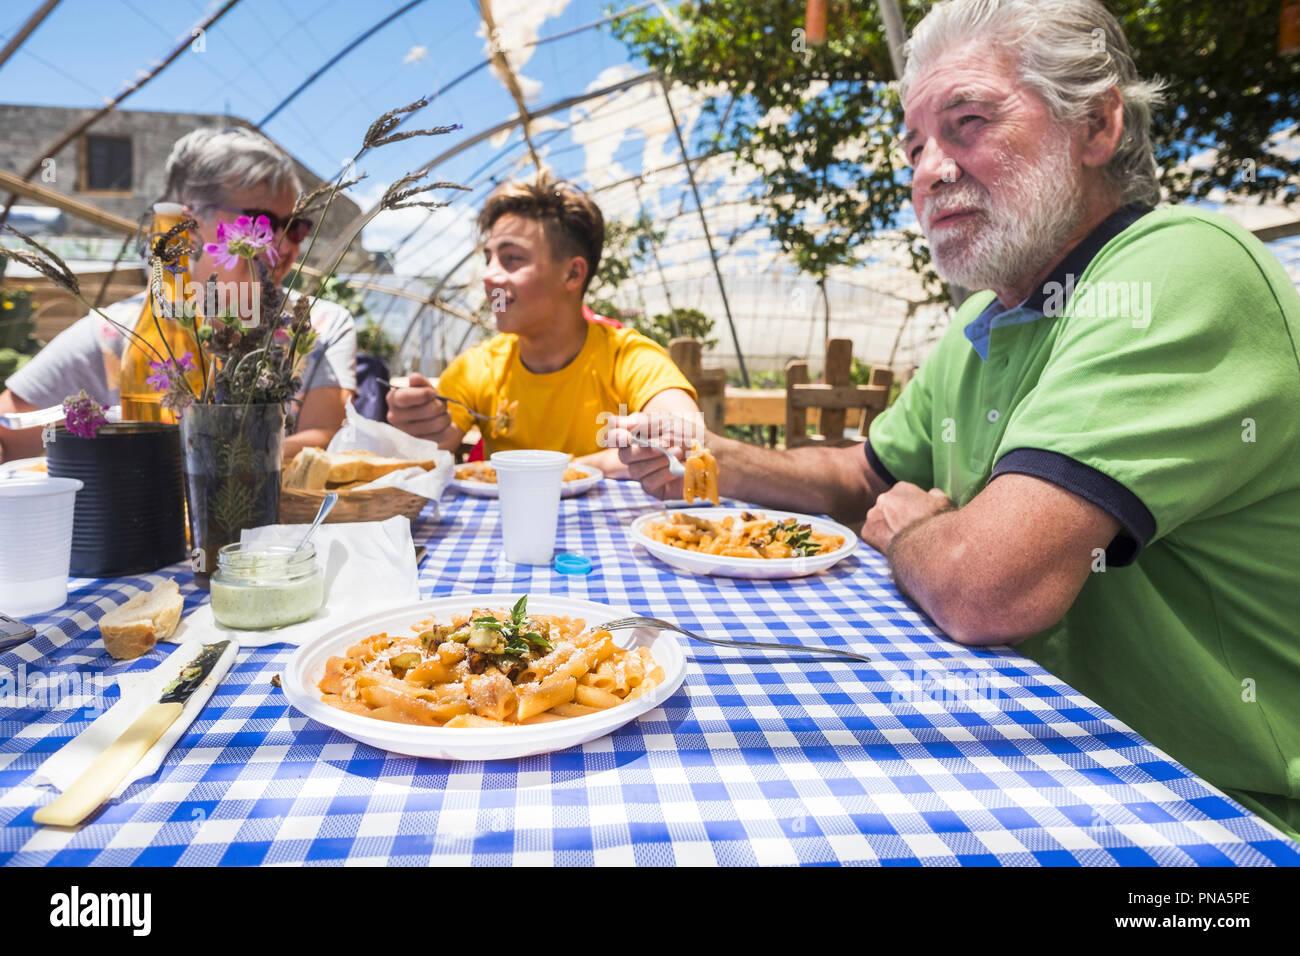 Nonni e nipote insieme in una variante di natura biologica concetto ristorante con cucina italiana la pasta sul tavolo divertimento in friendshi Immagini Stock